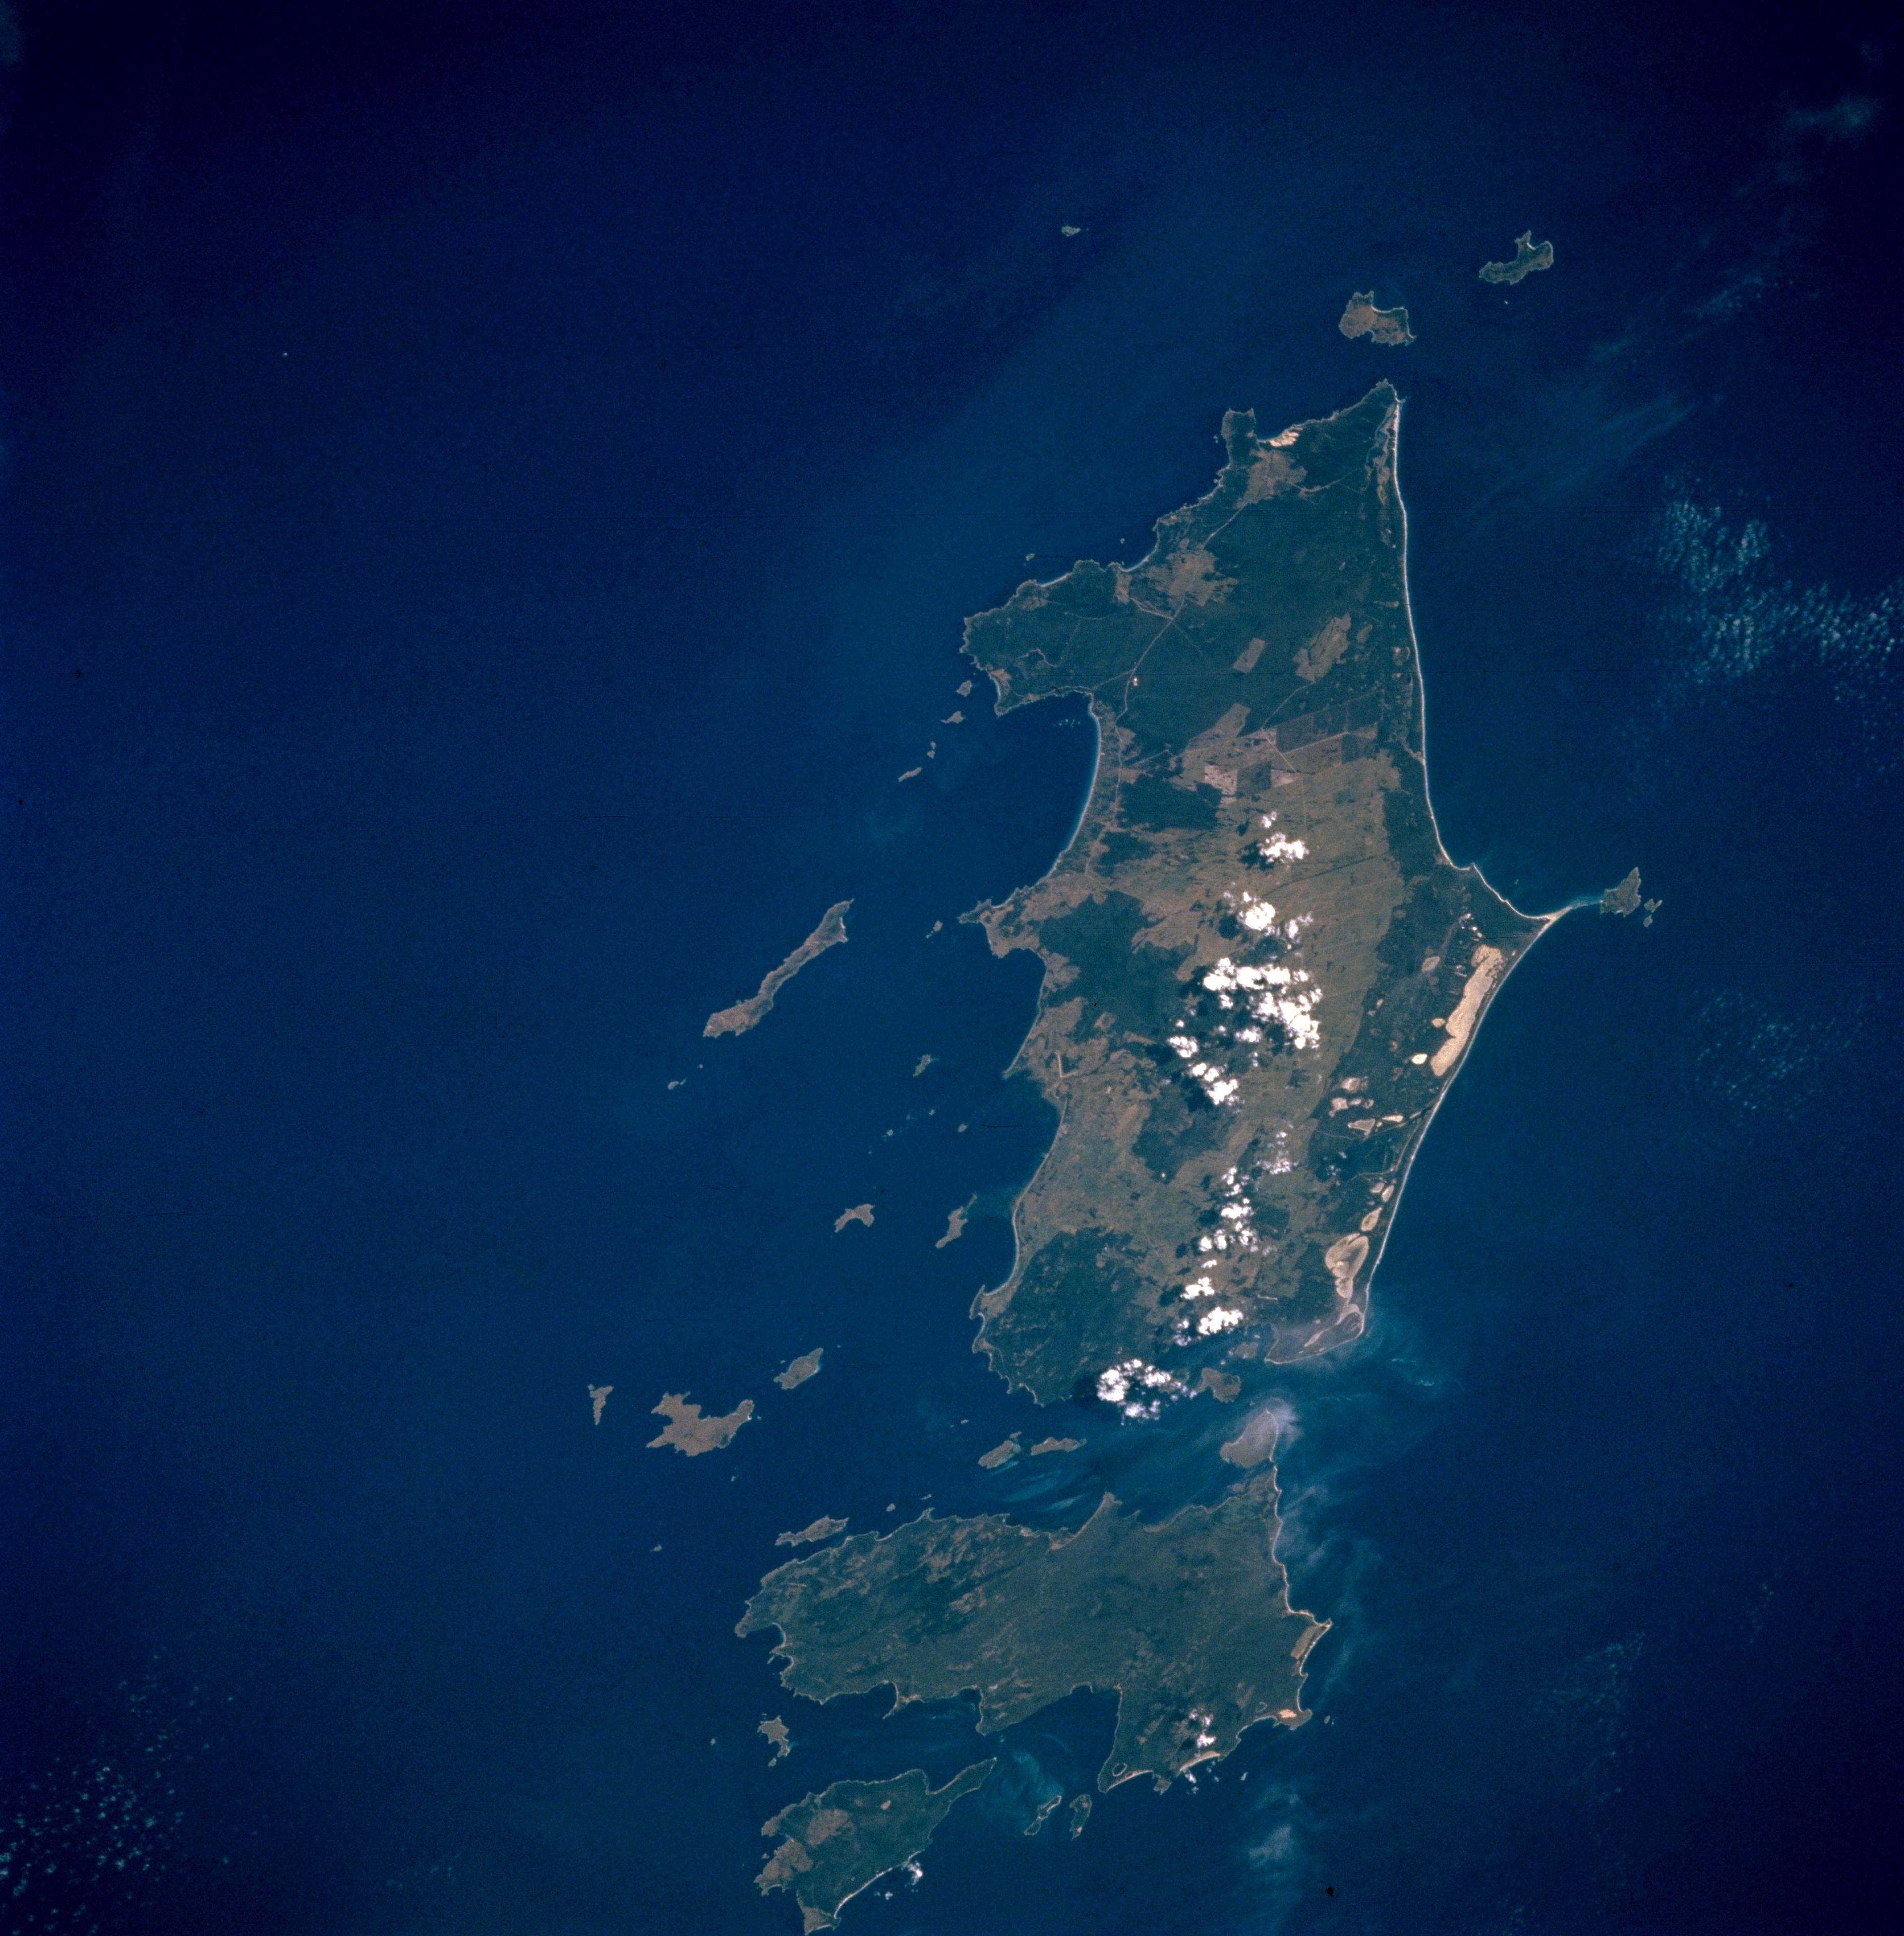 弗林德斯岛